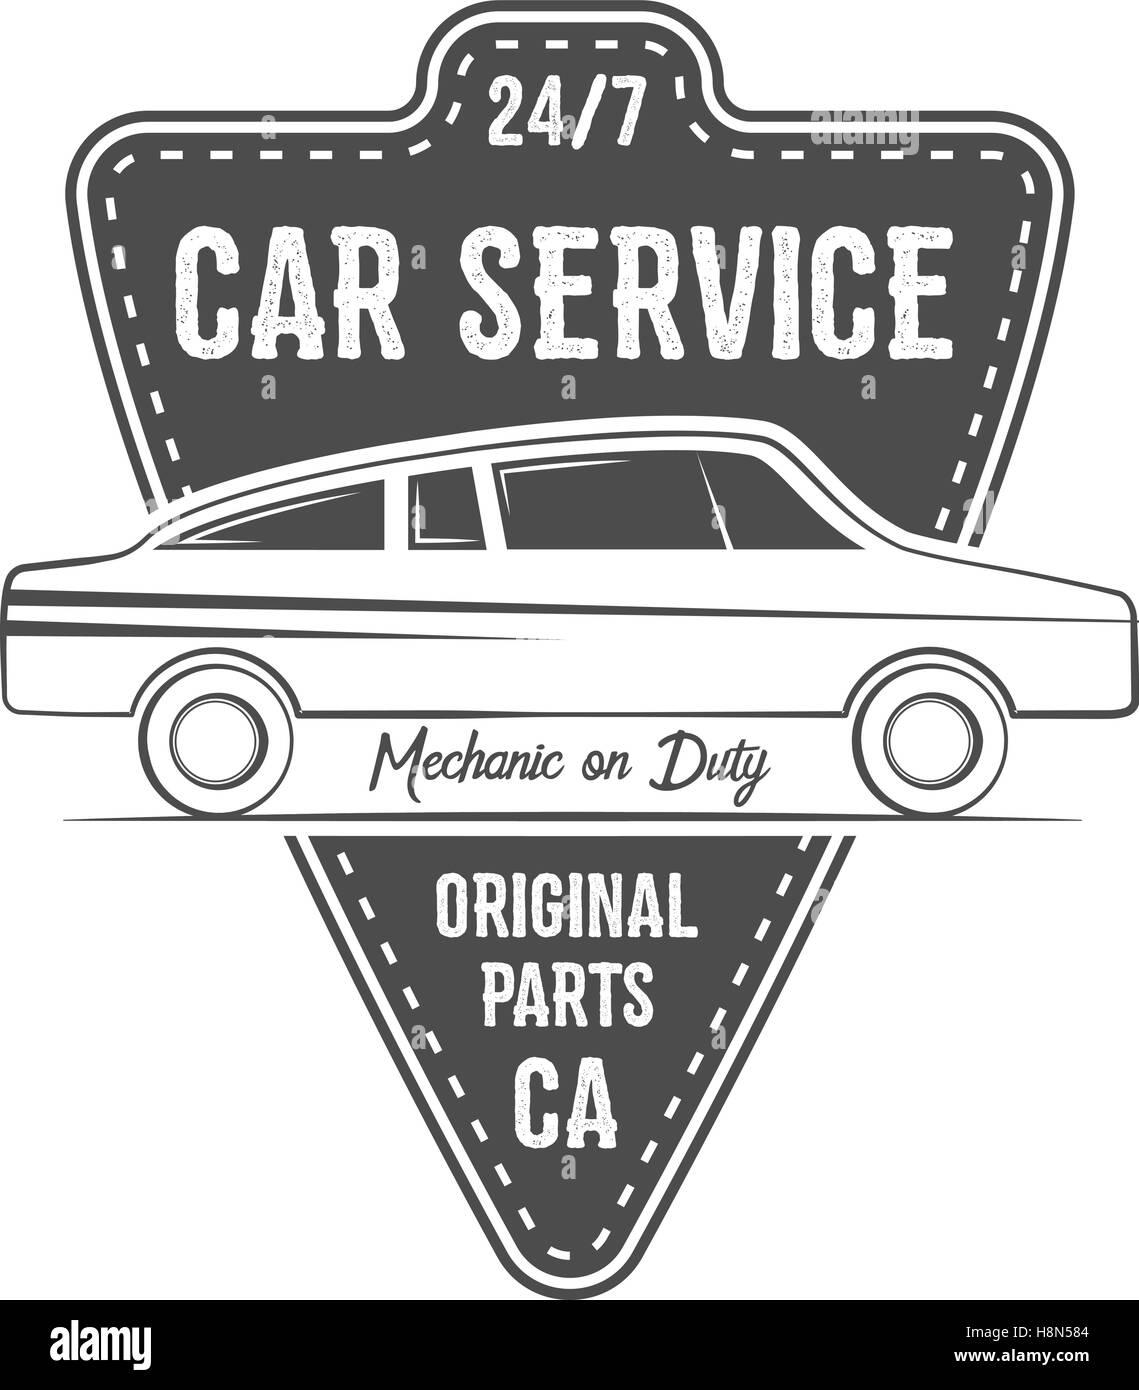 Vintage car service label design. Automotive emblem in monochrome ...